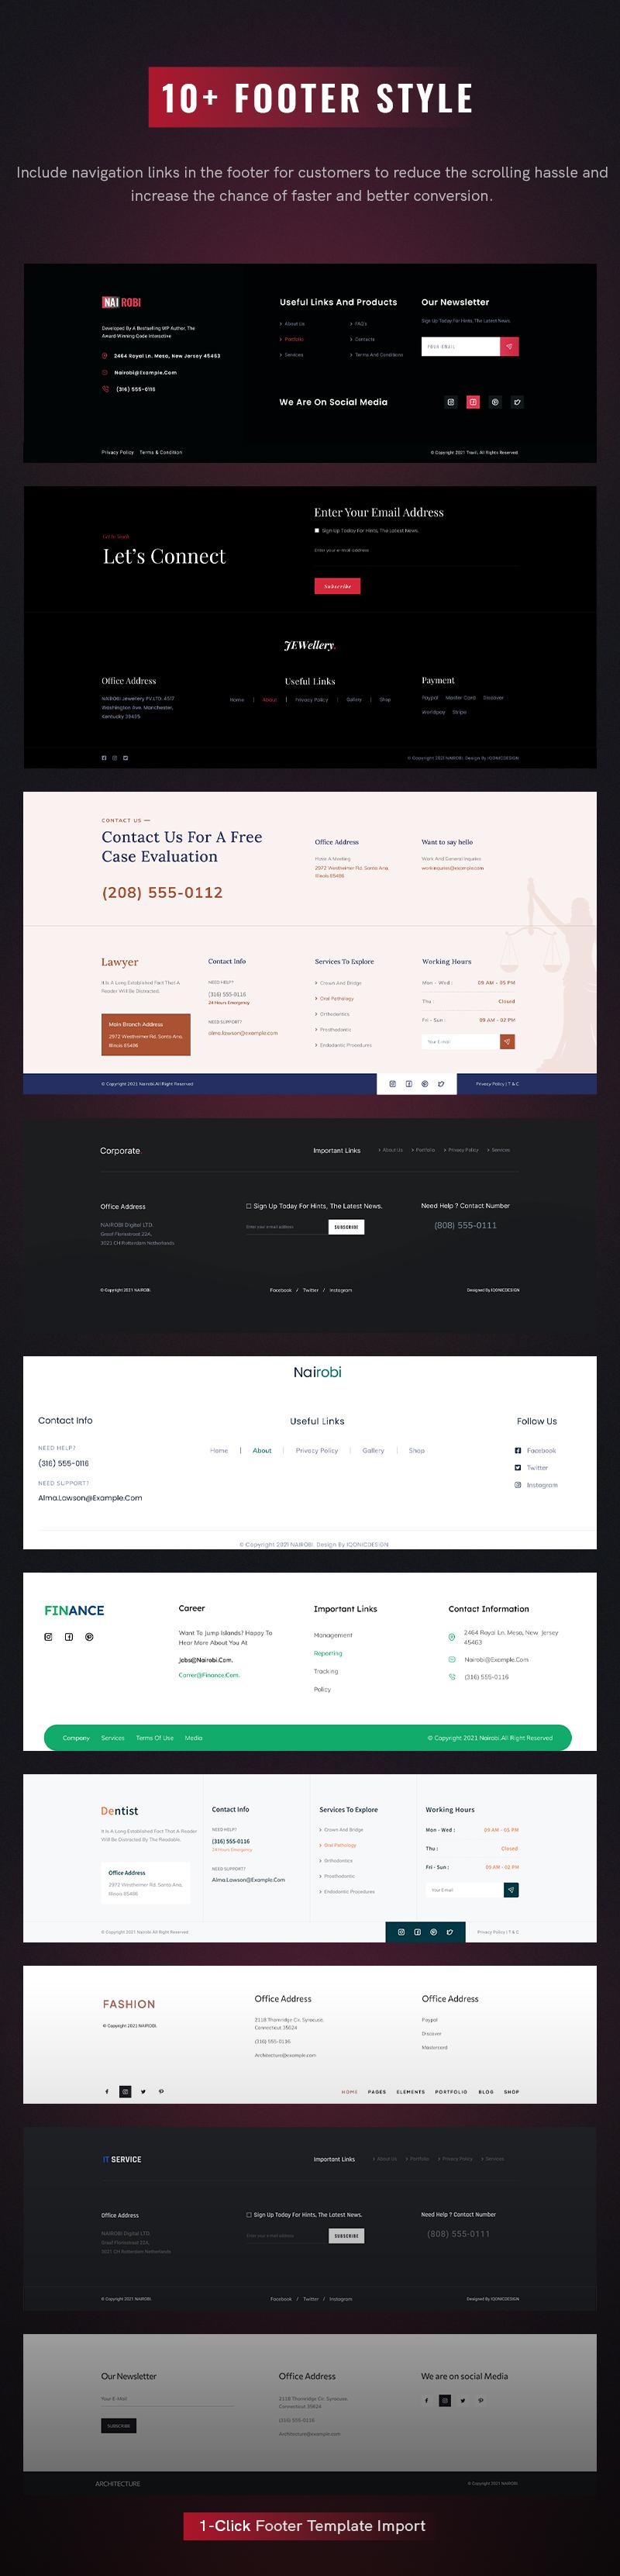 Creative Business WordPress Theme | Nairobi | Iqonic Design creative business wordpress theme Nairobi 7